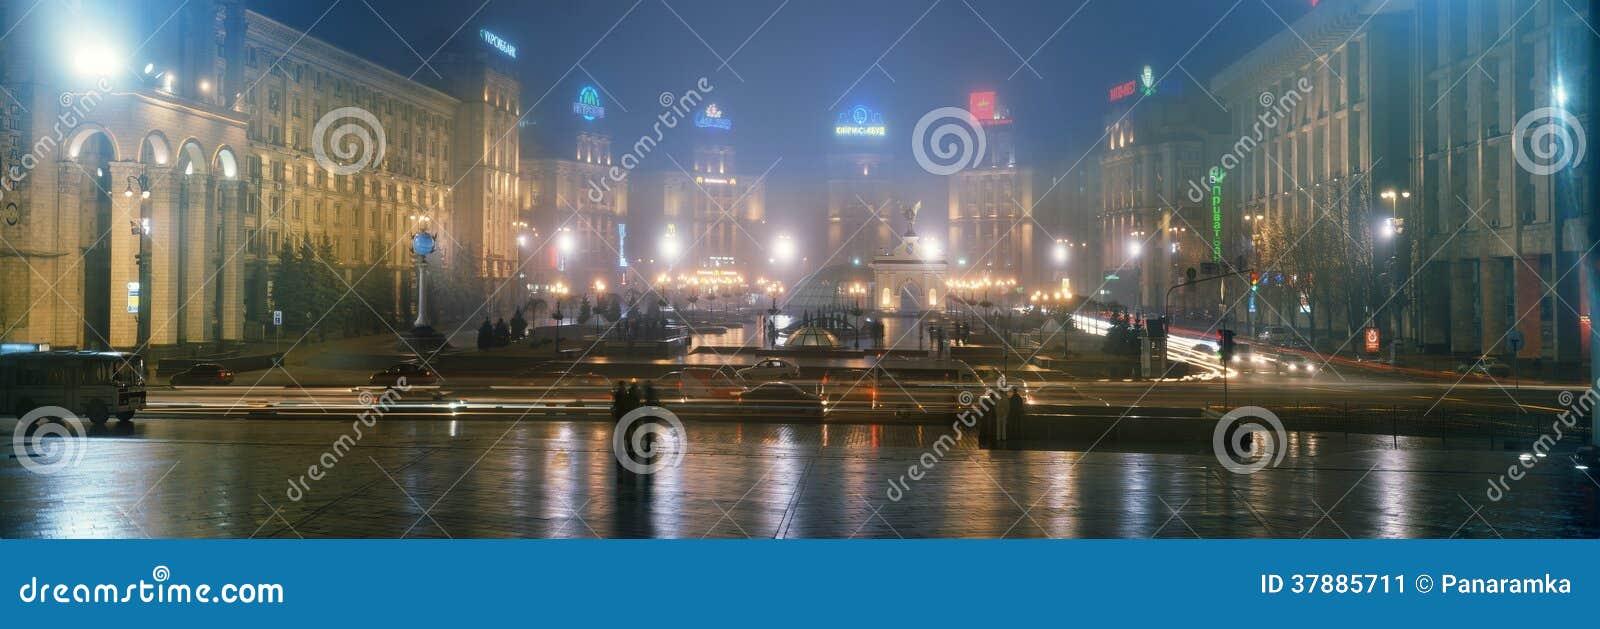 Nieuwjaar in de hoofdstad van de Oekraïne - mist, regen